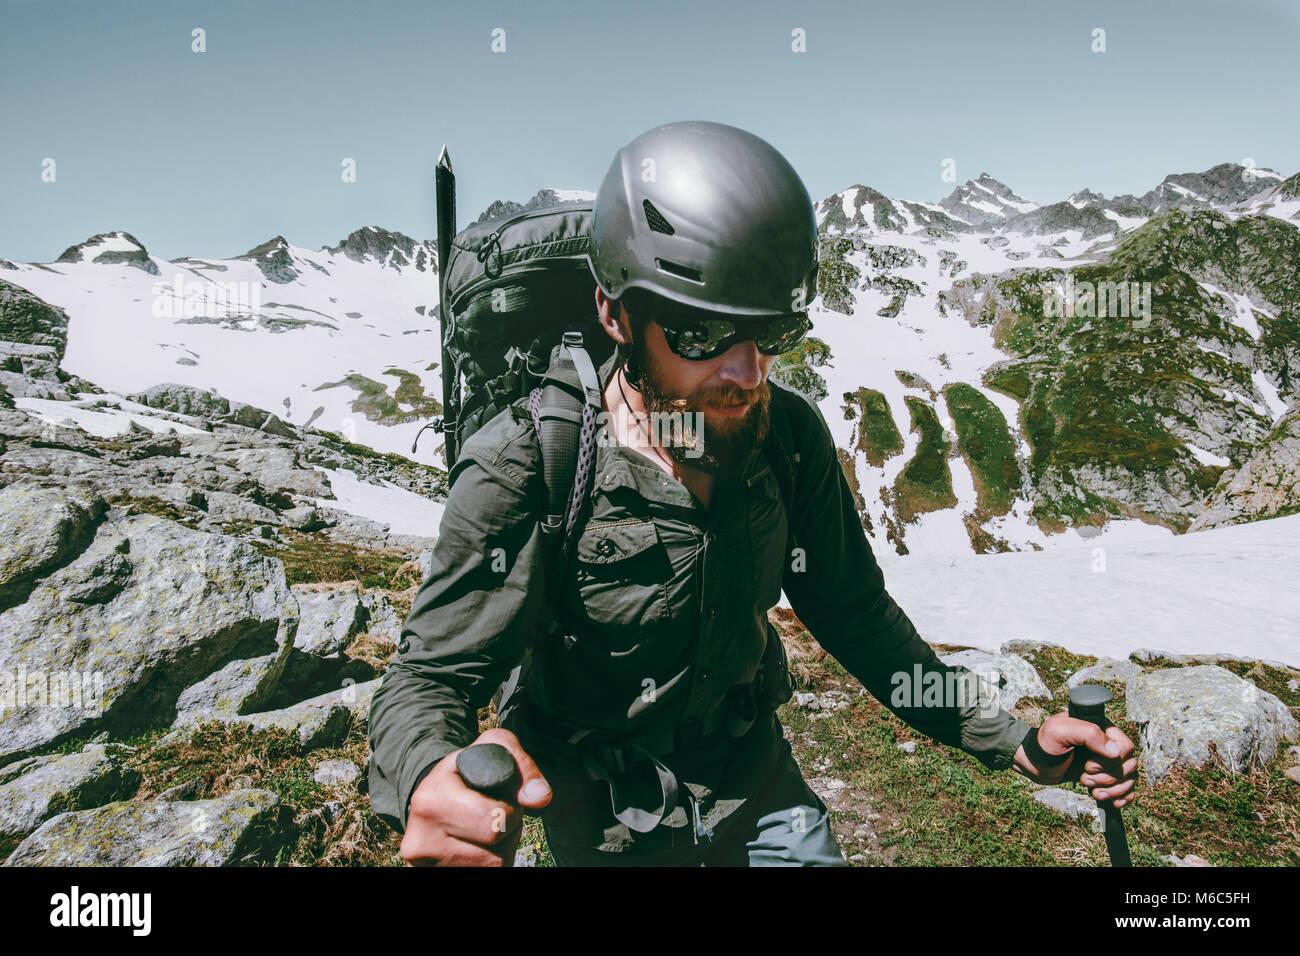 Mann Abenteurer mit Rucksack Bergsteigen expedition Reise überleben Lifestyle-konzept Abenteuer Outdoor Aktiv Stockbild